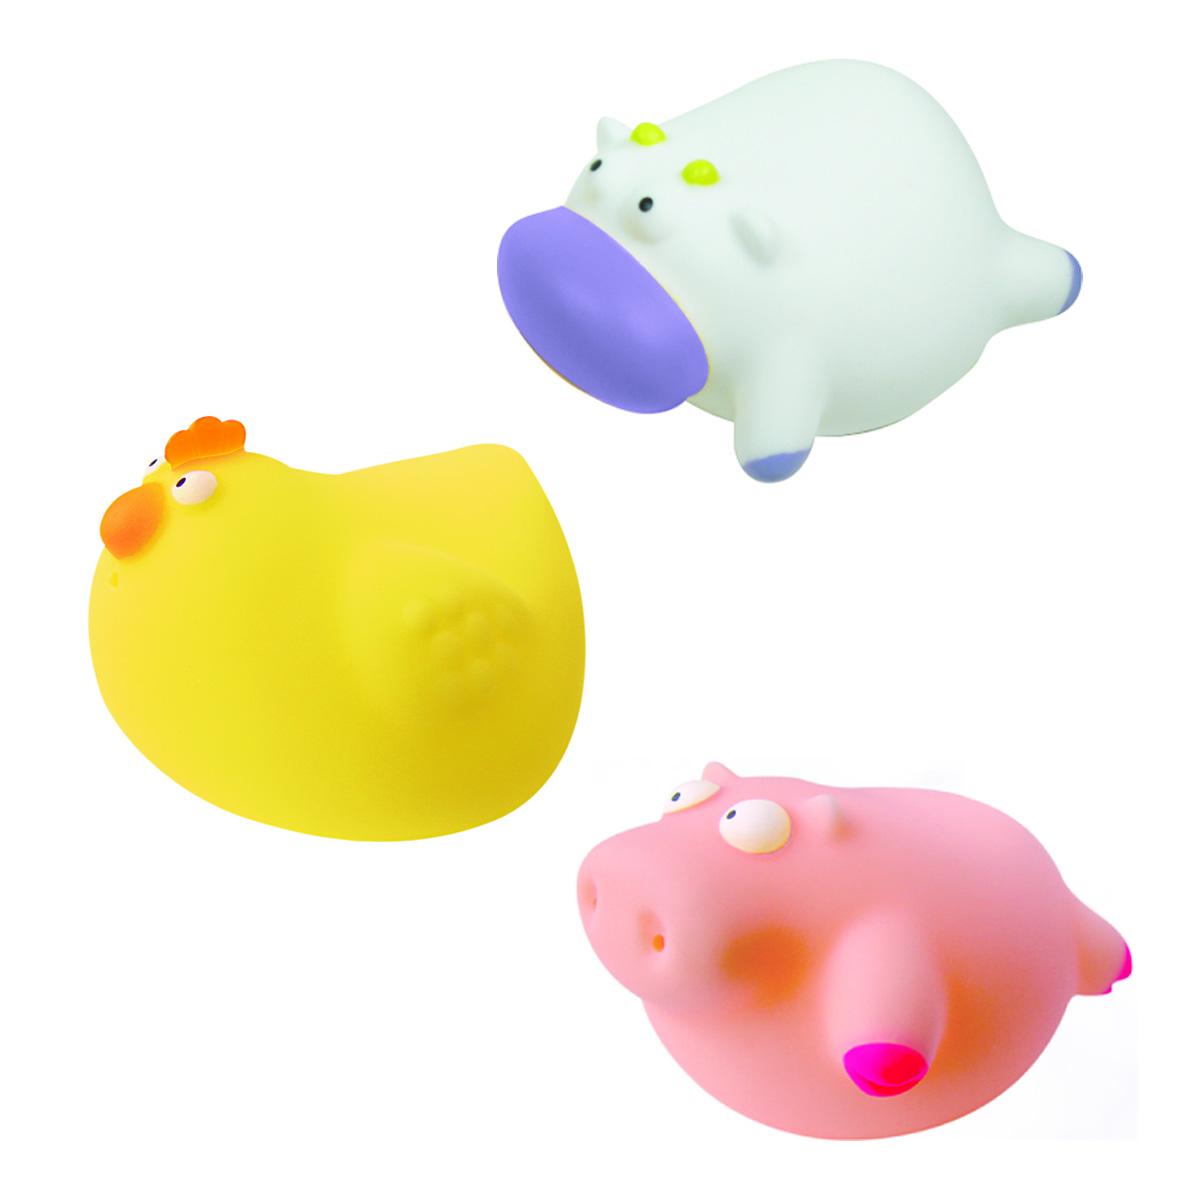 Mara Baby Набор игрушек для ванной Веселая ферма 3 шт24013С набором игрушек для ванной Mara Baby Веселая ферма принимать водные процедуры станет еще веселее и приятнее. В набор входят три игрушки - курица, корова и поросенок. Игрушки могут брызгать водой. Набор доставит ребенку большое удовольствие и поможет преодолеть страх перед купанием. Игрушки для ванной способствуют развитию воображения, цветового восприятия, тактильных ощущений и мелкой моторики рук.